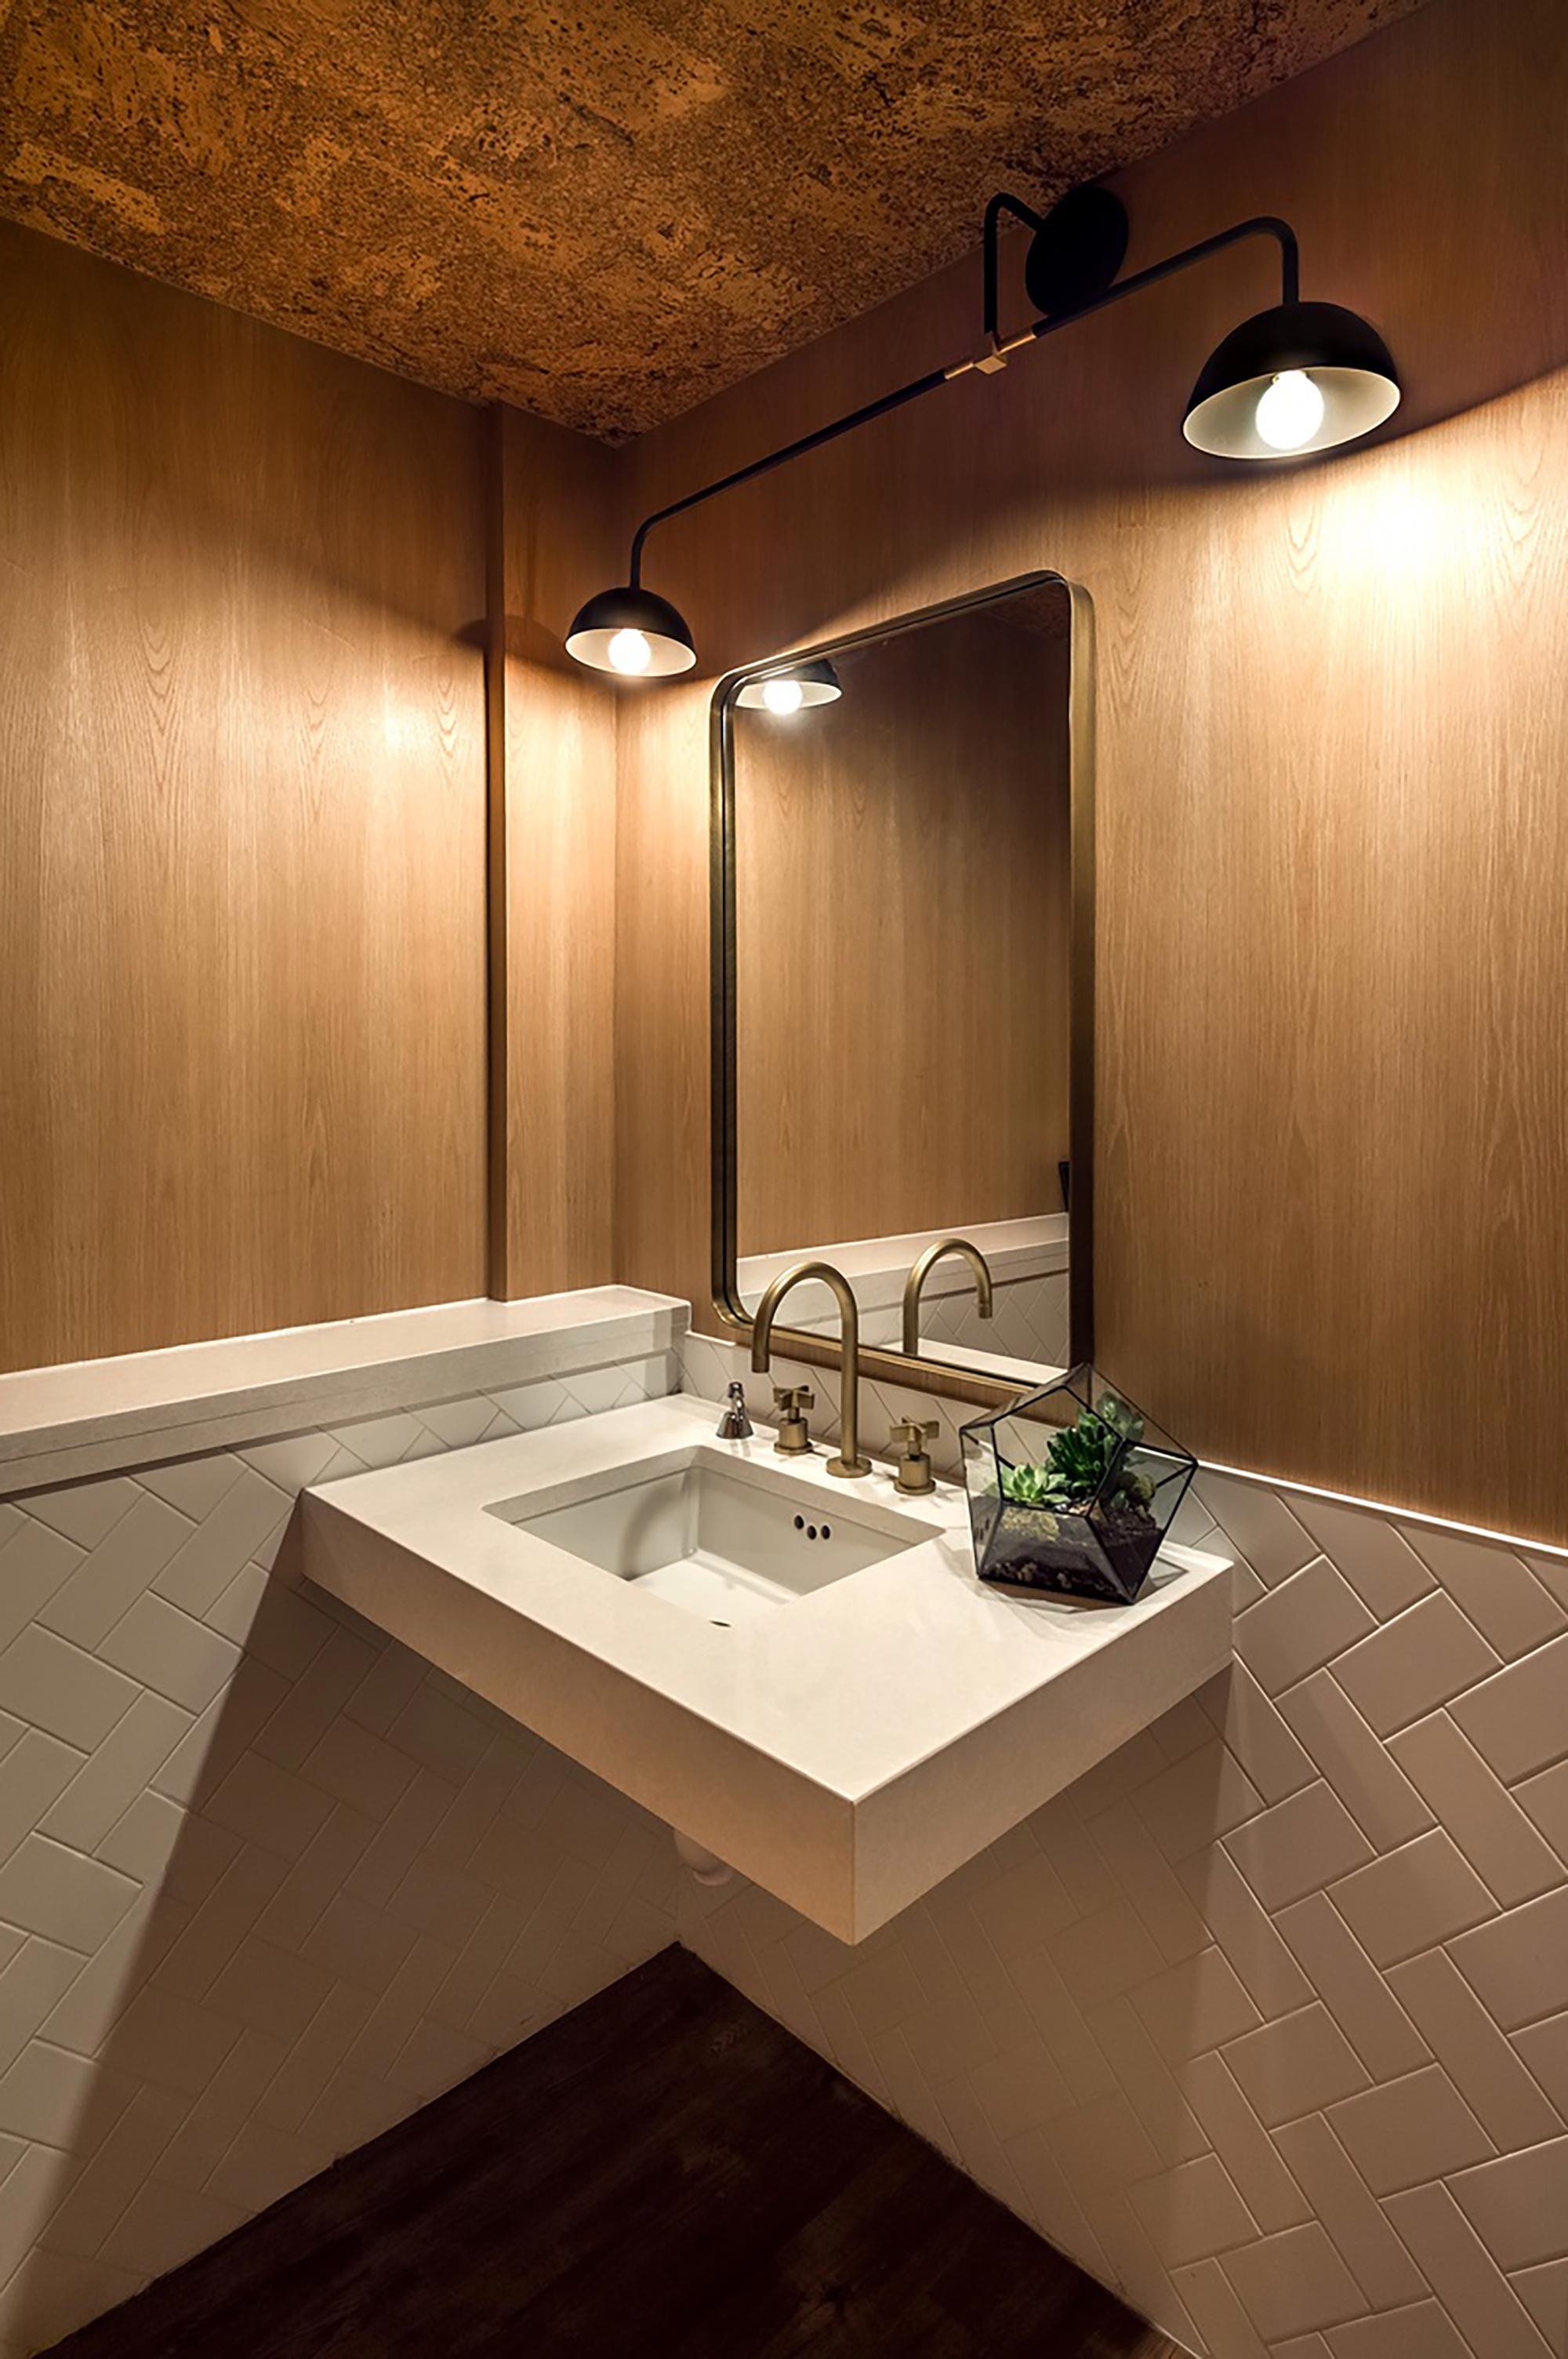 interior-design-halifax-restaurant-washroom.jpg